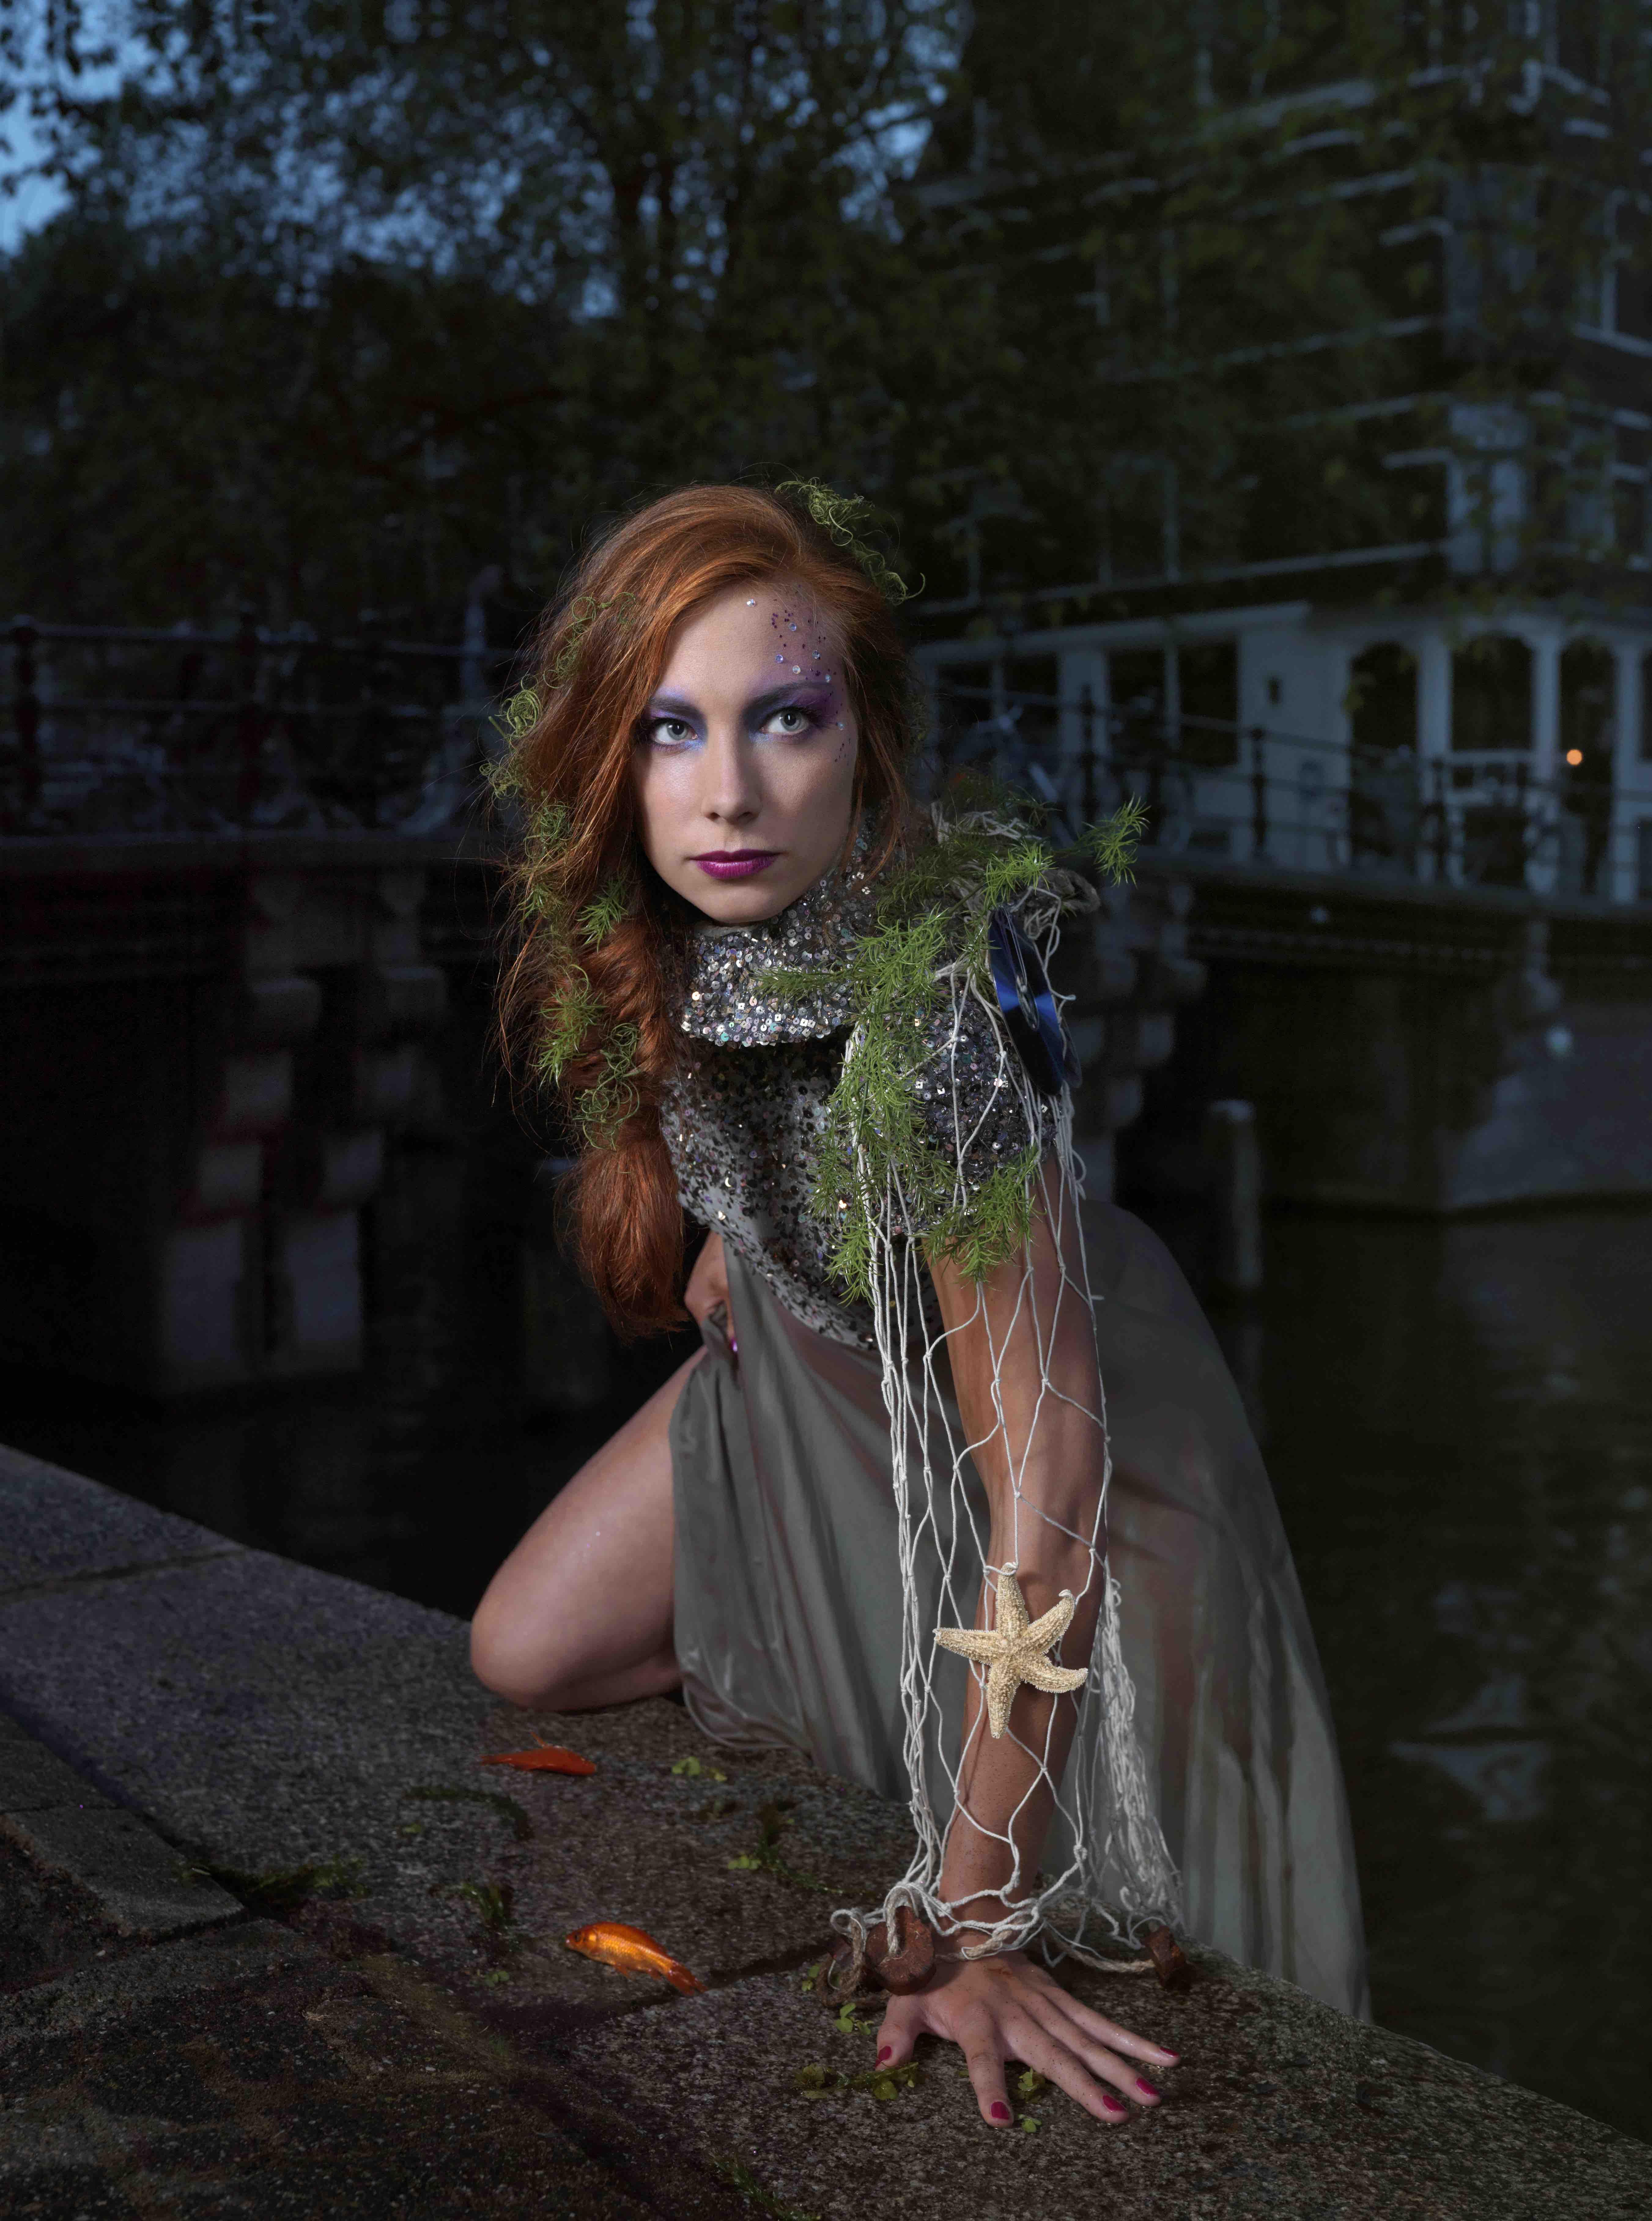 Fringe2015@Corne van der Stelt copy